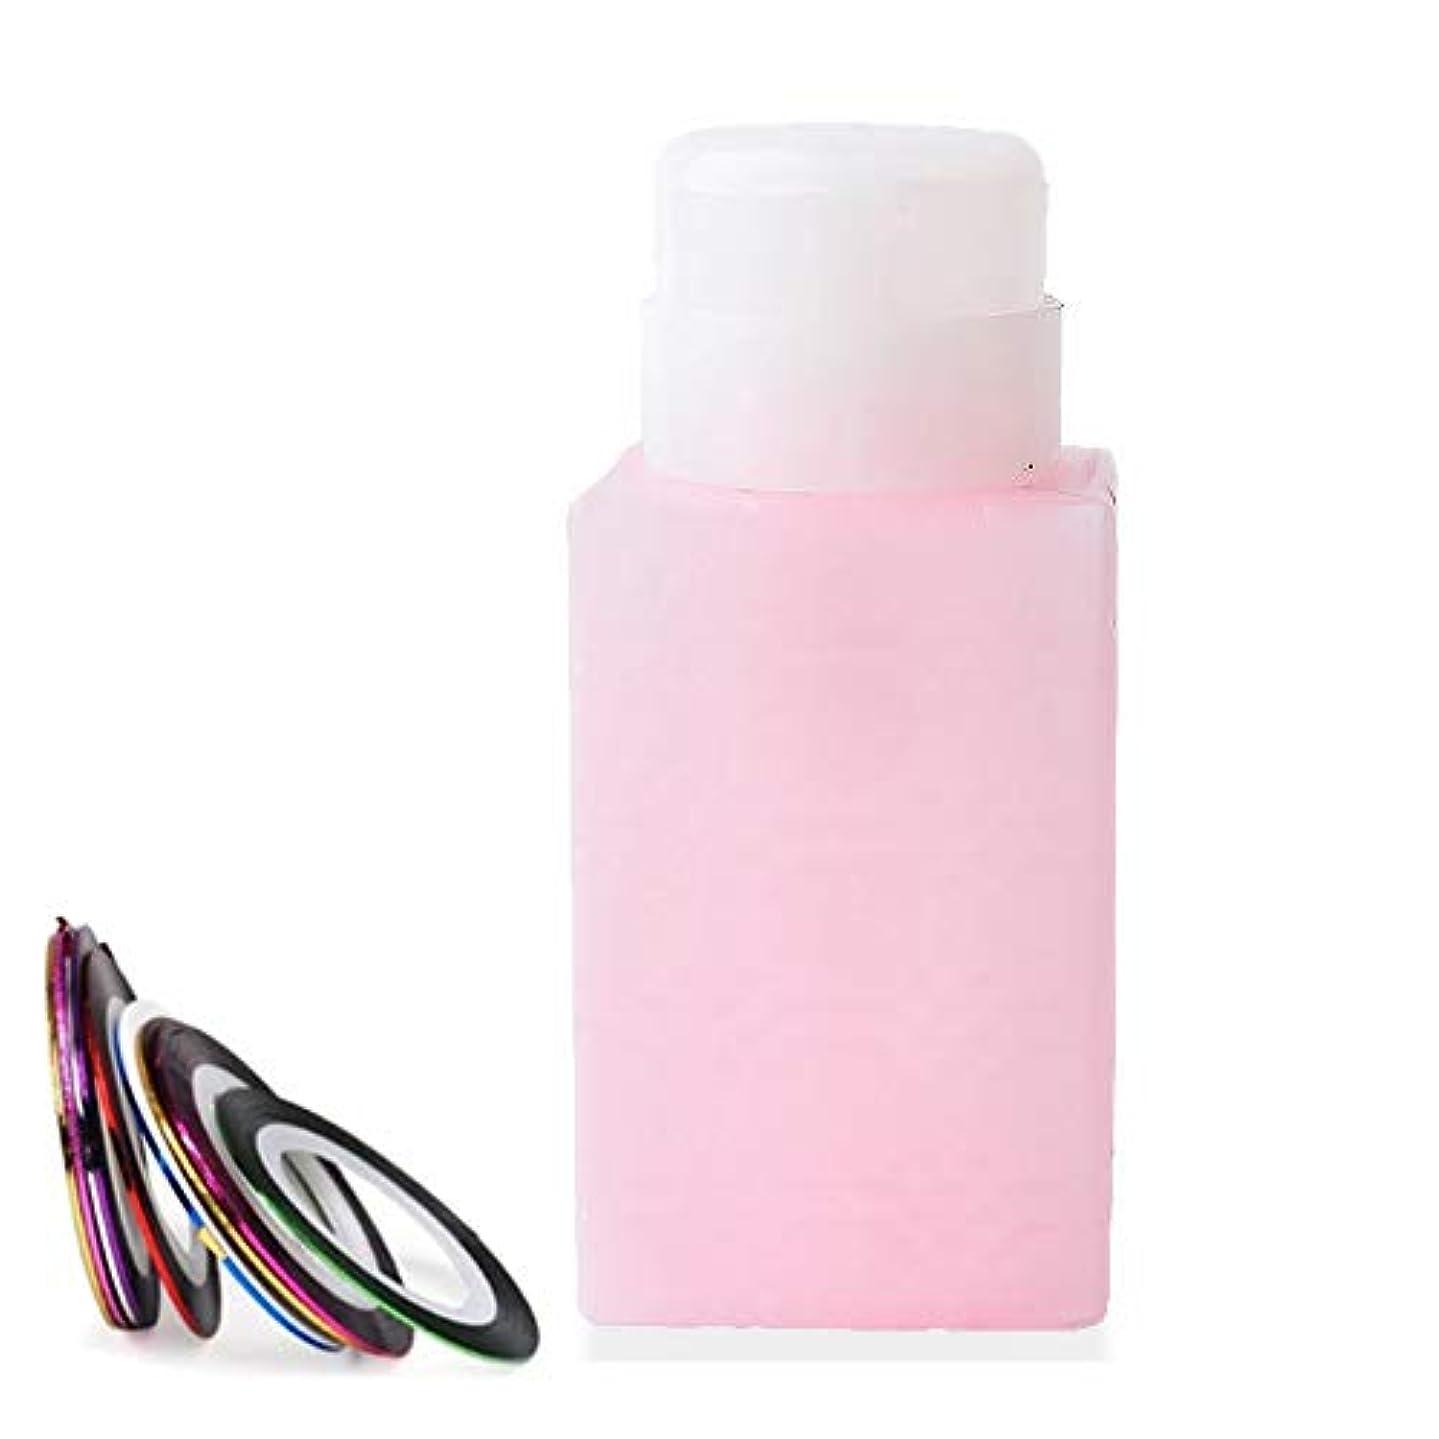 送料リレーどっち空ポンプボトル ポンプディスペンサー ネイルワイプ瓶 ジュルクリーナー ジュルリムーバー 可愛い (ピンク)